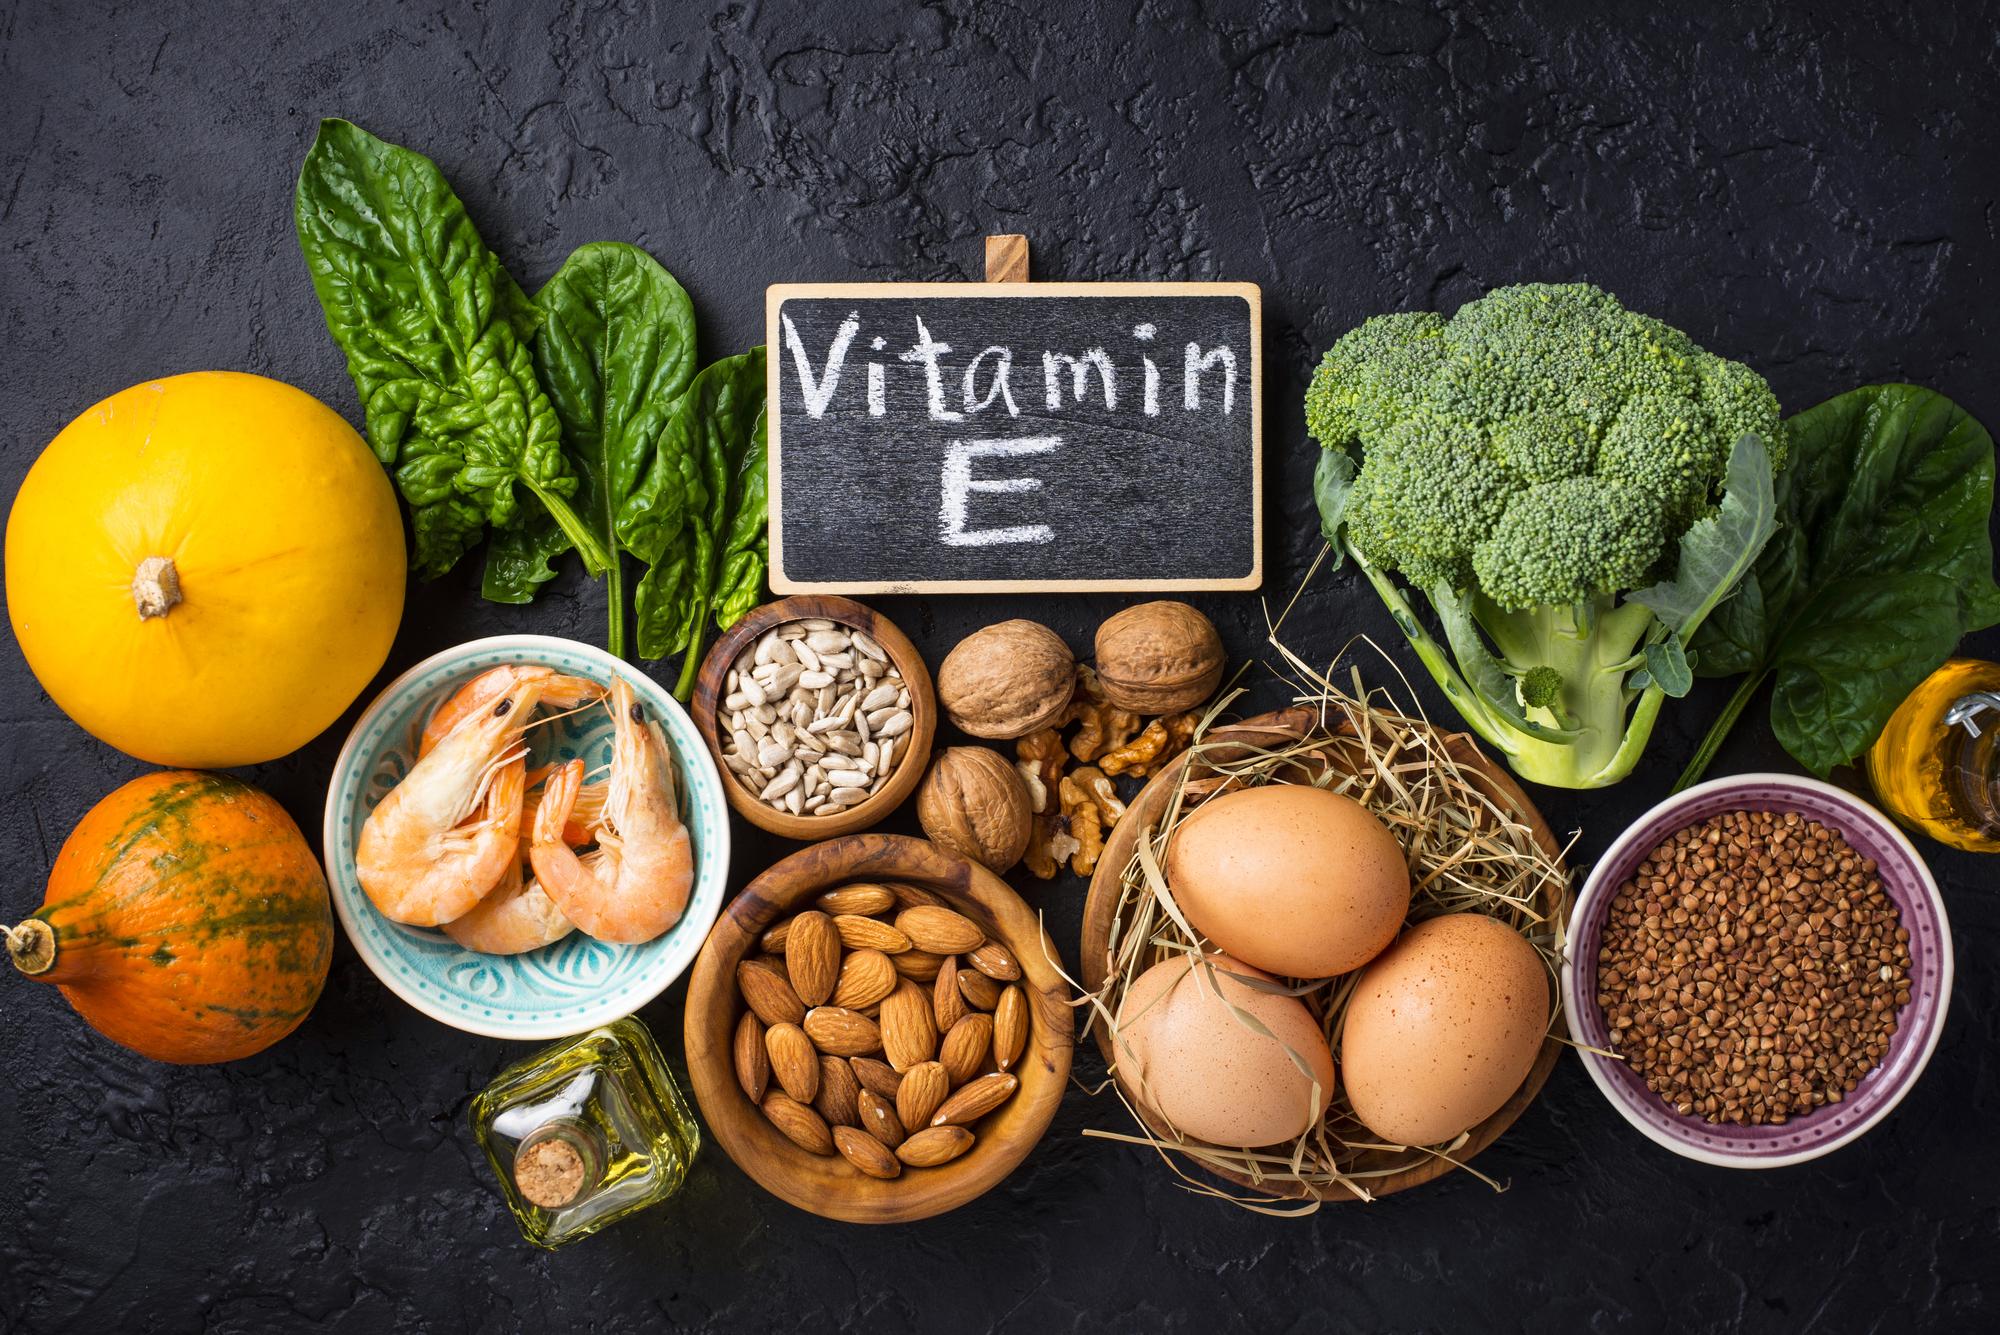 ビタミンEを含む主な食べ物